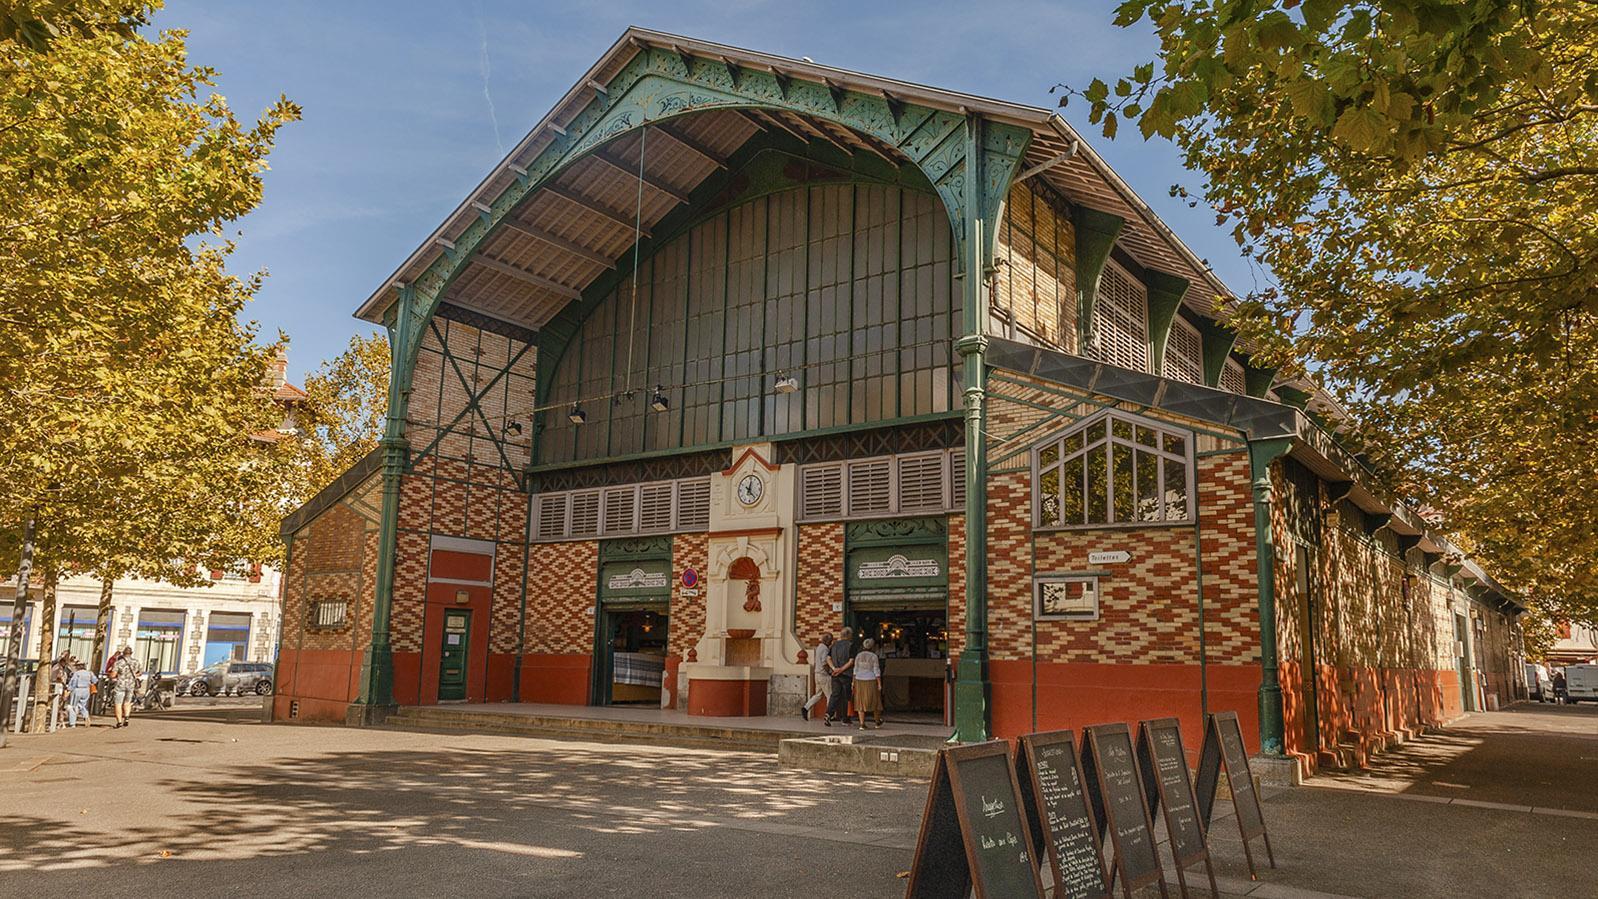 Die Markthalle von Saint-Jean-de-Luz. Foto: Hilke Maunder